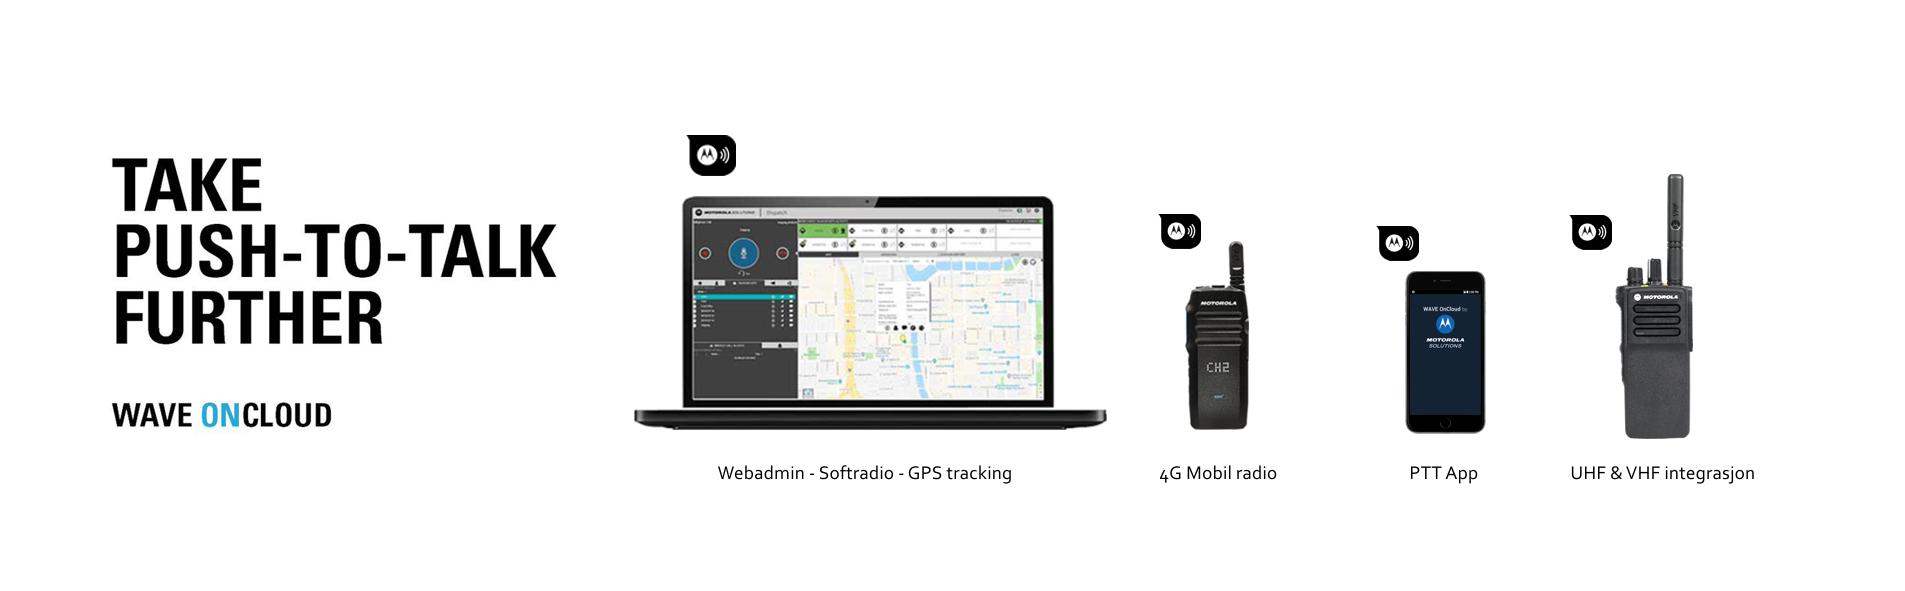 Motorola WAVE OnCloud Push-to-Talk